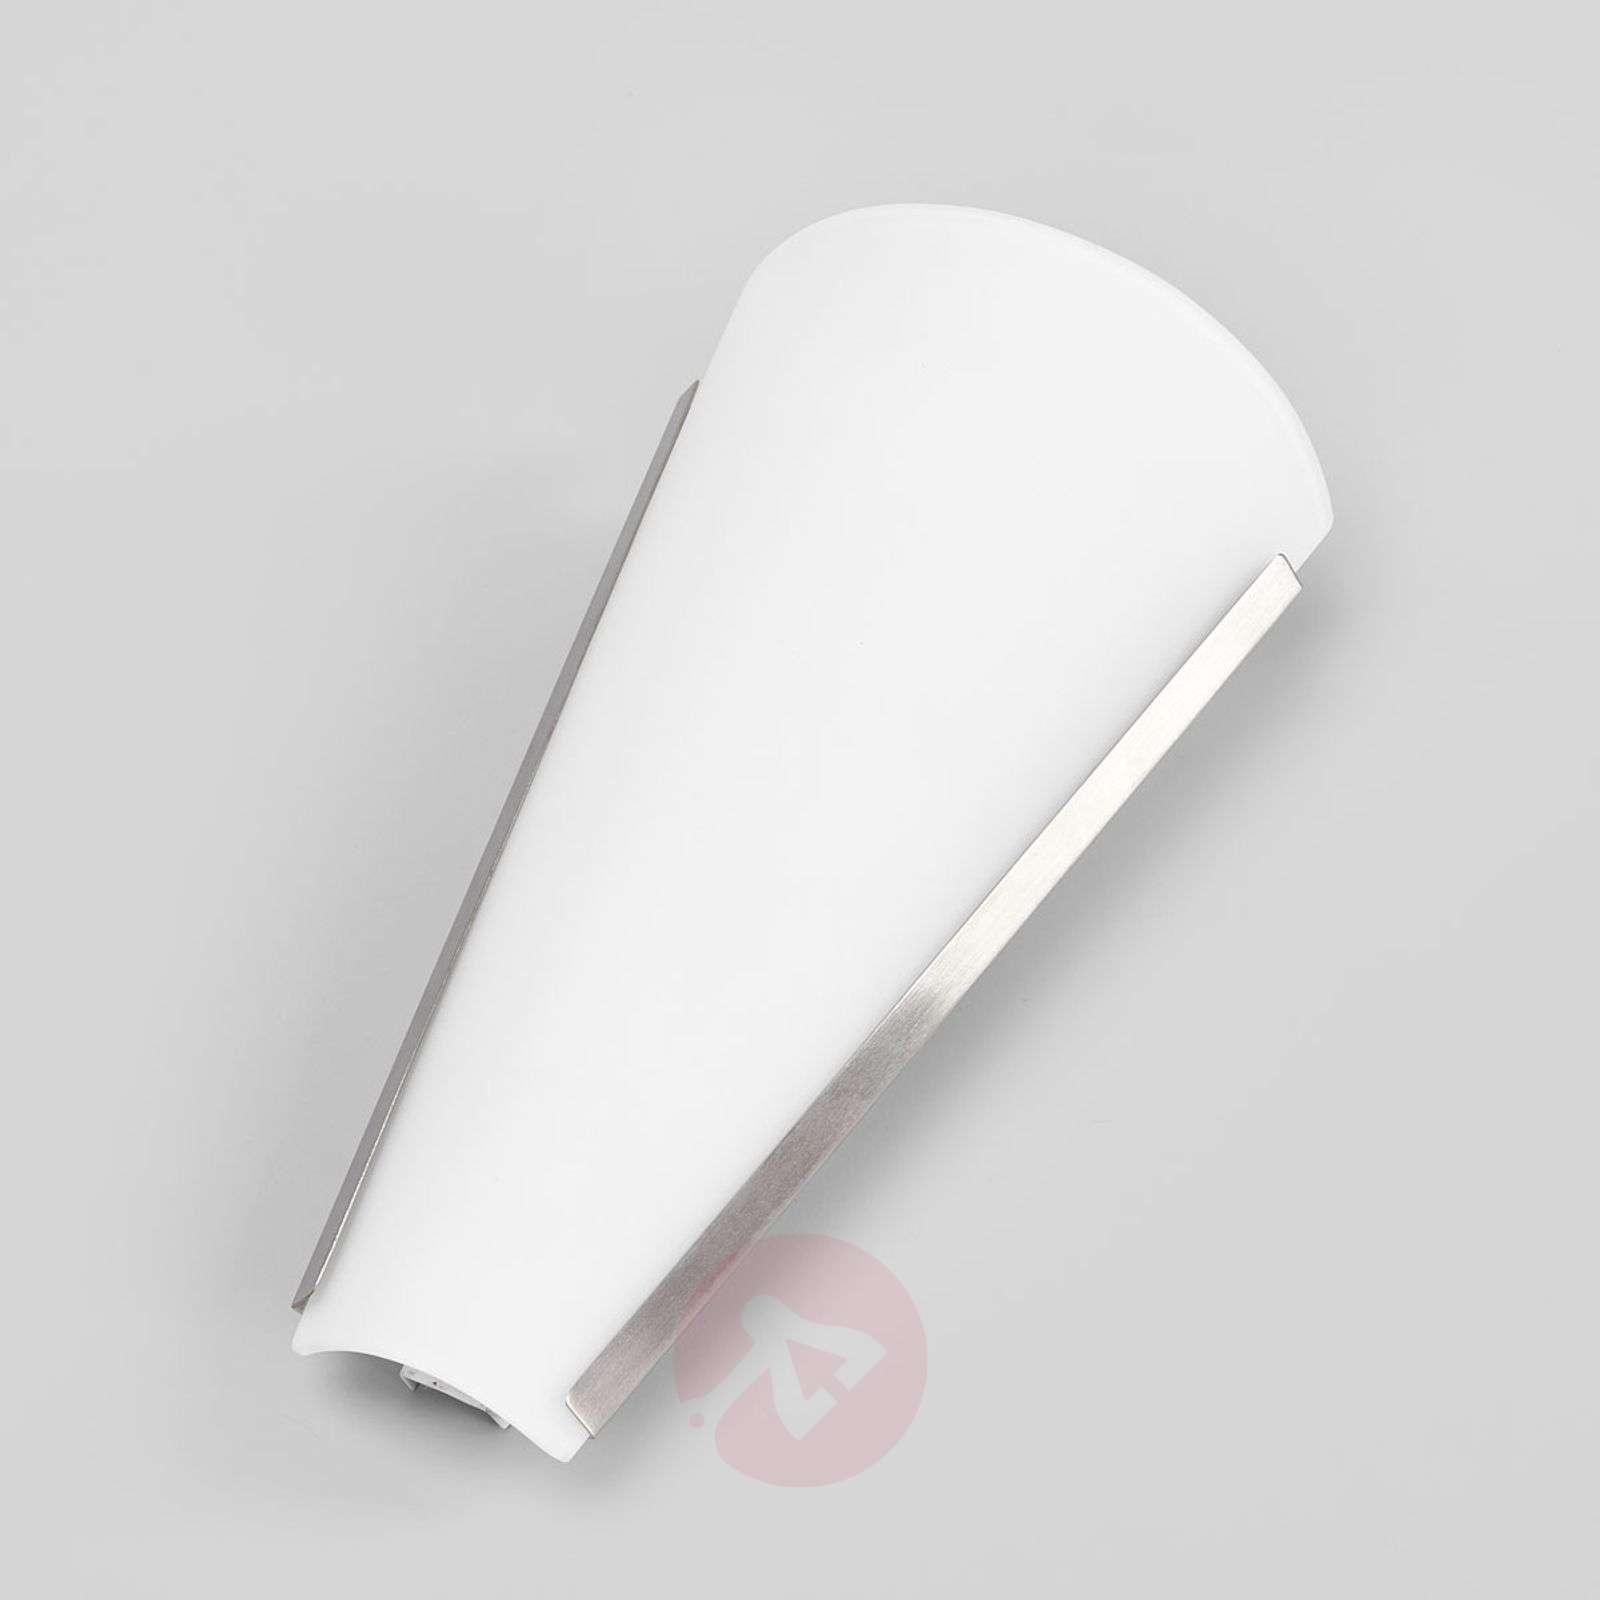 Kaunis LED-seinävalaisin Luk-9633035-01